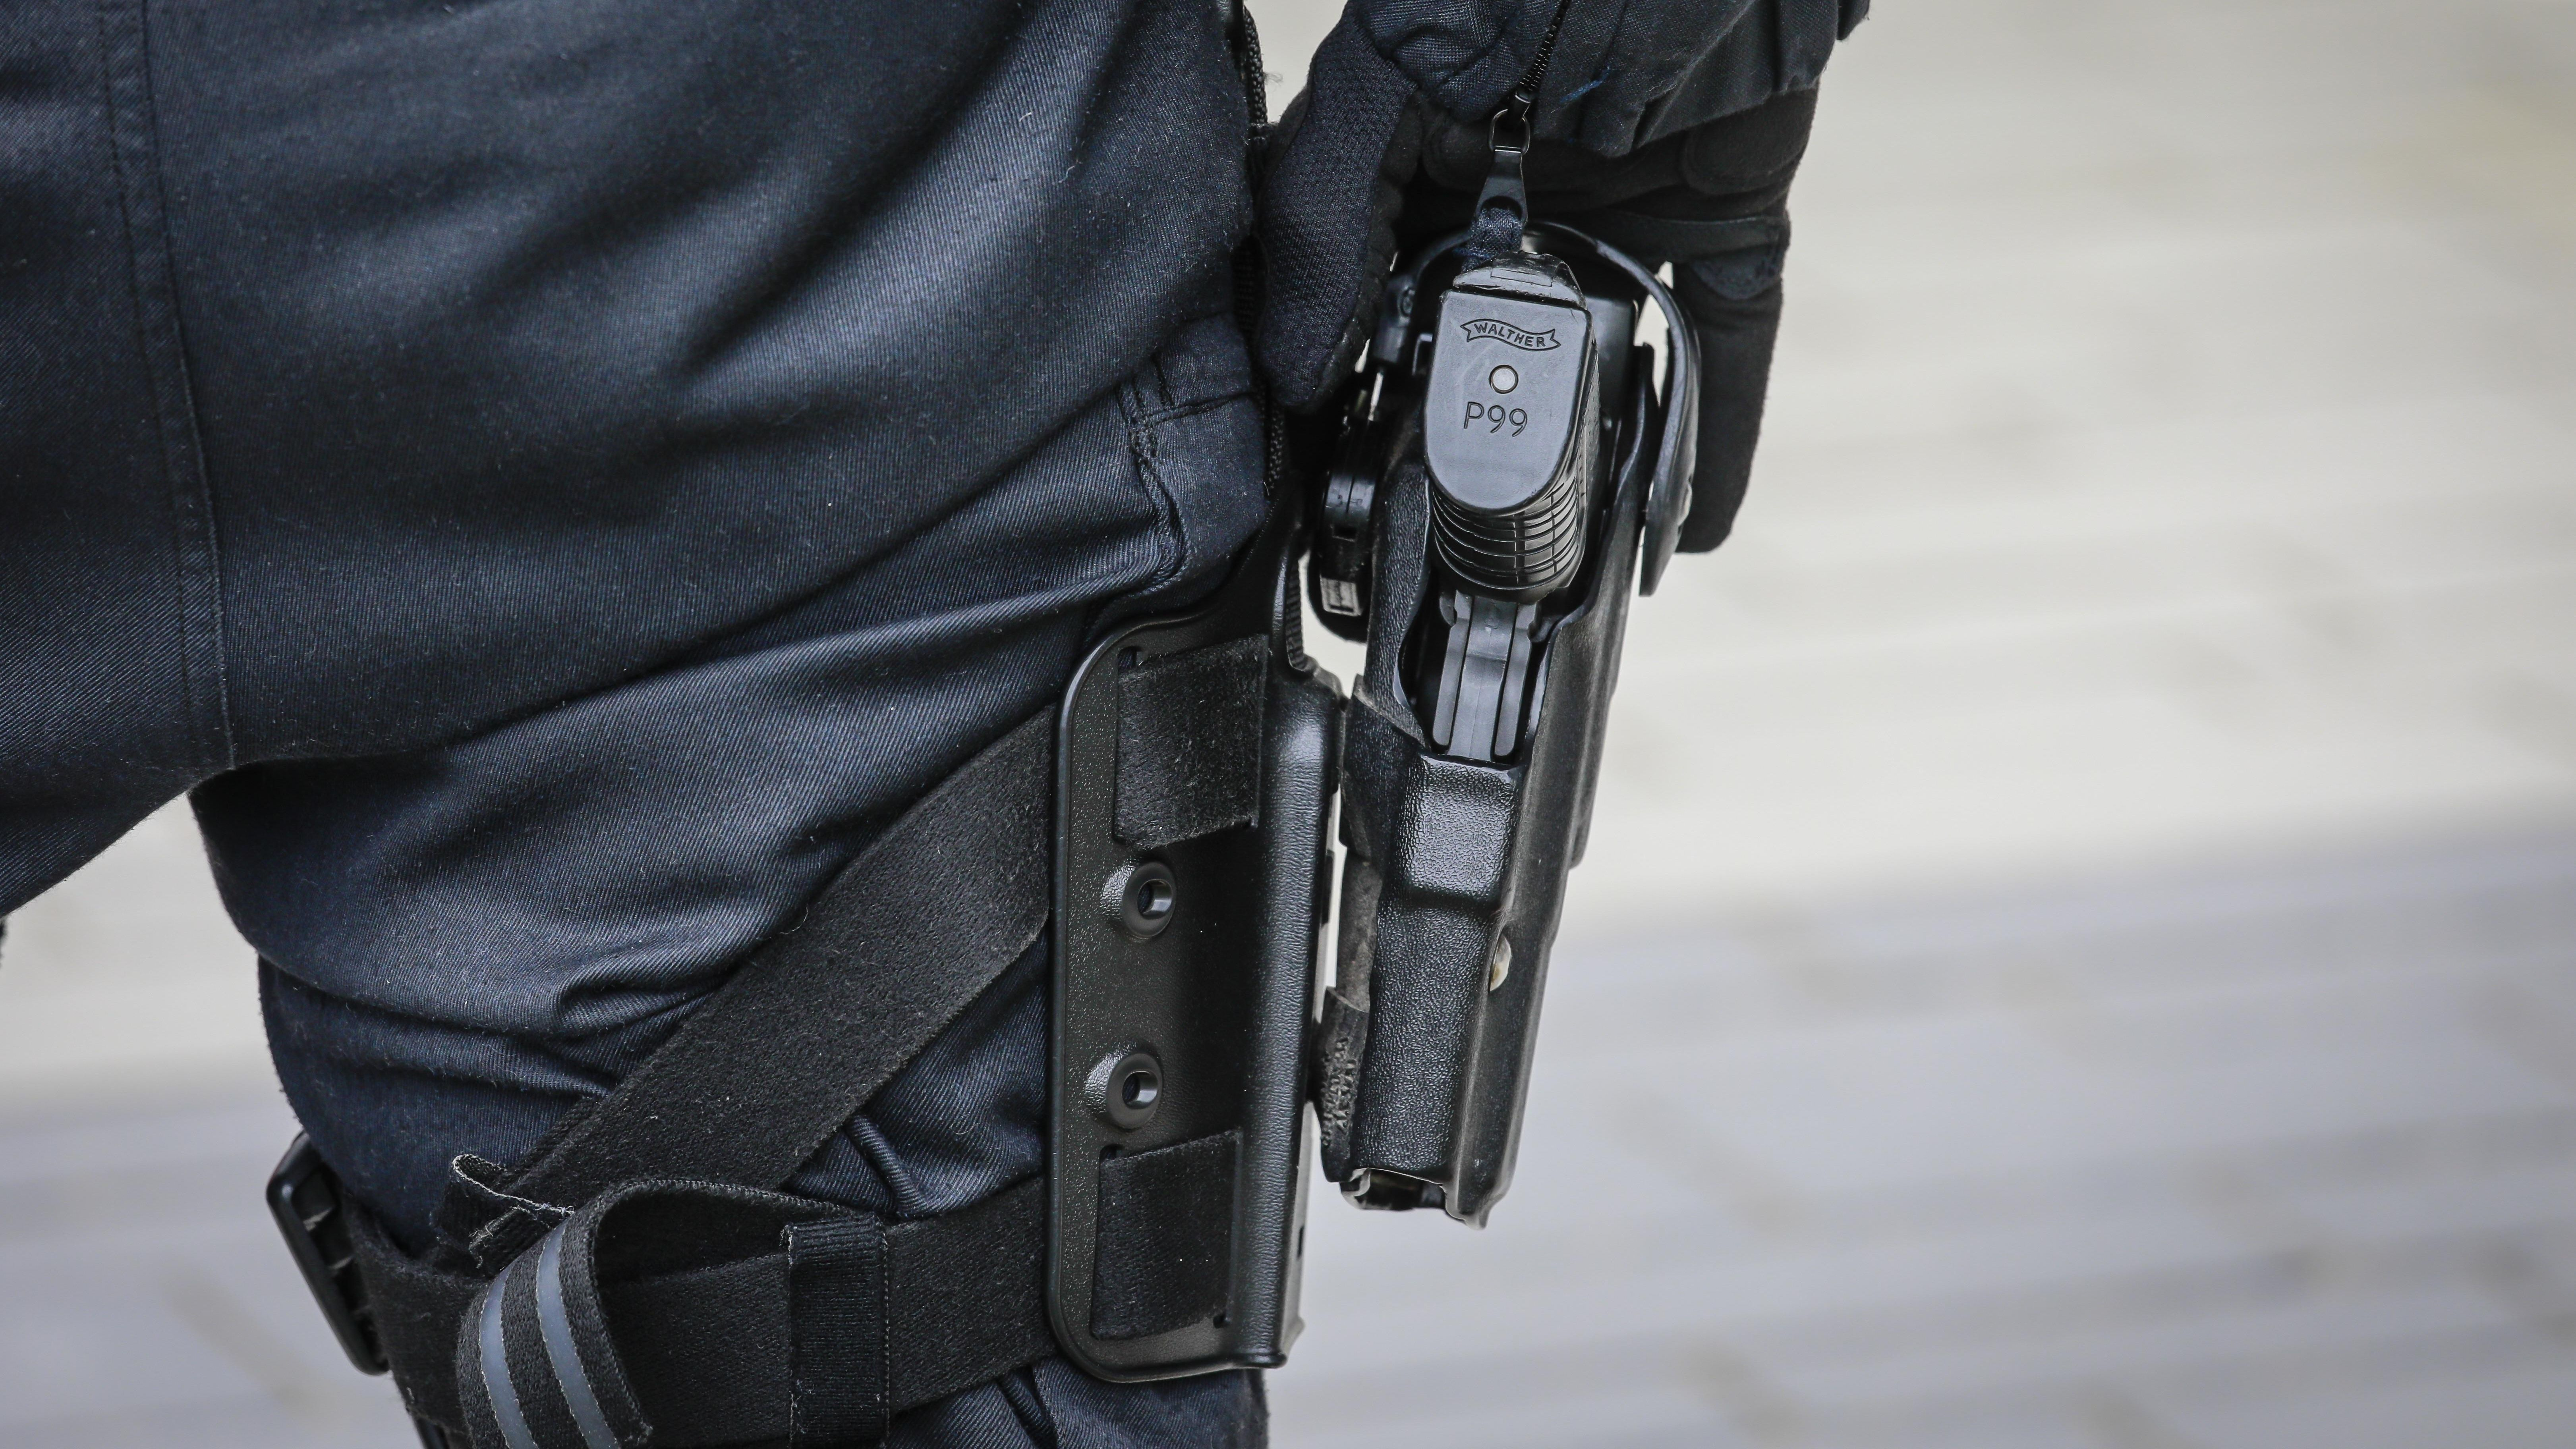 Ein Polizist im Einsatz greift an seine Dienstwaffe